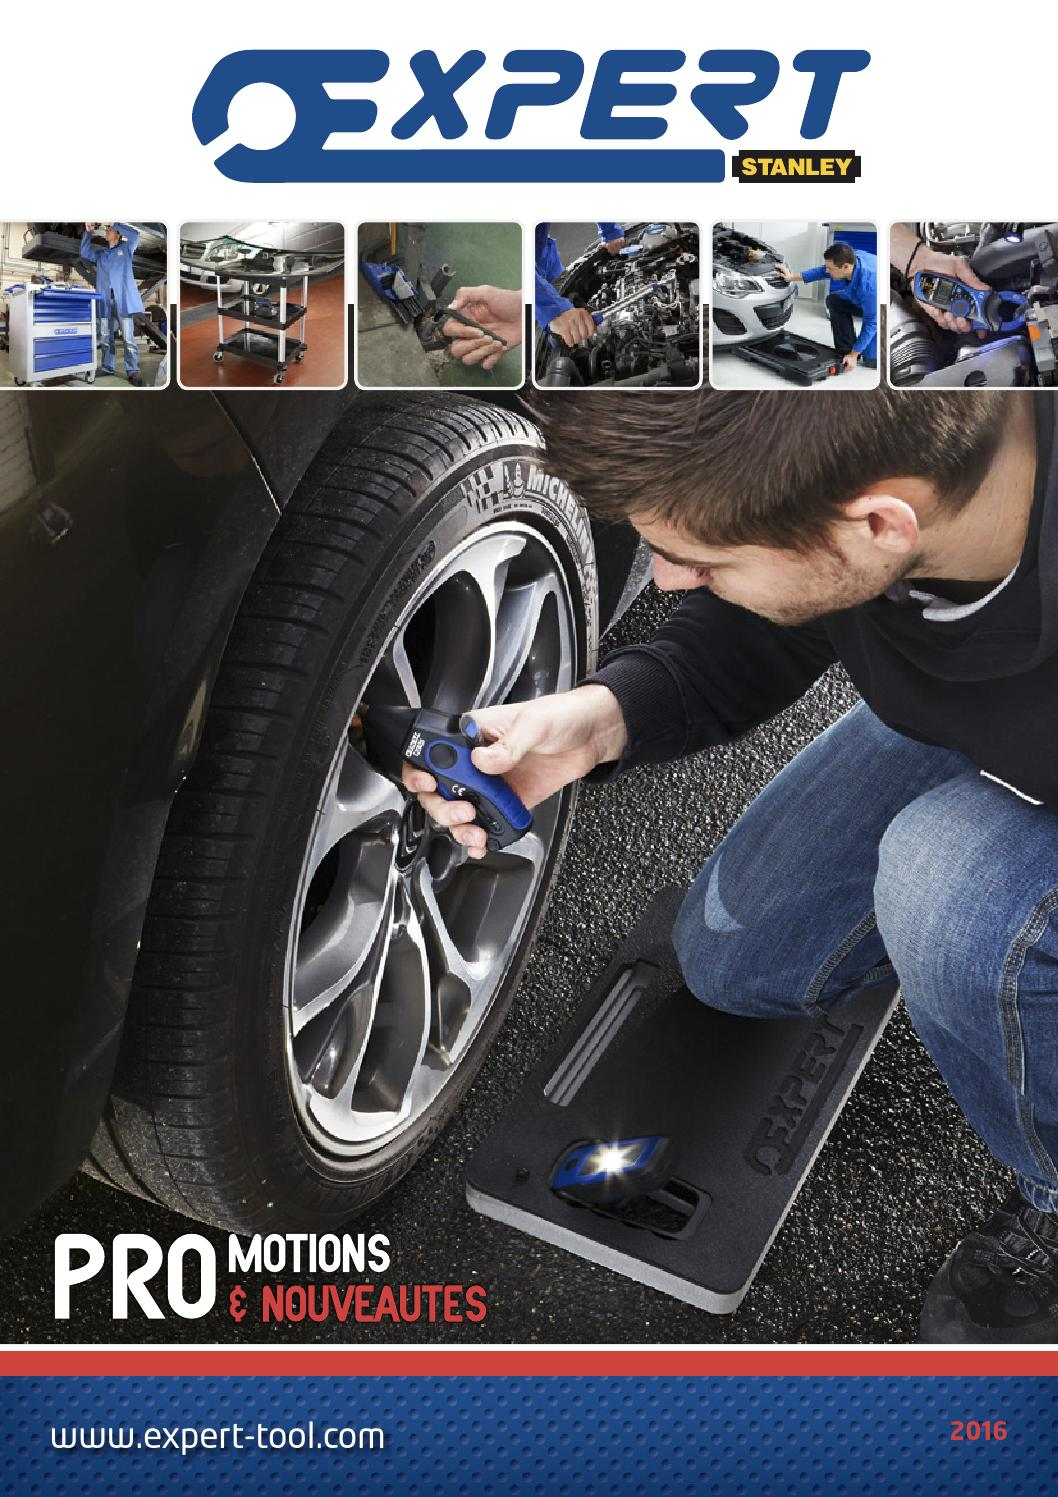 entretien de la bougie dallumage de moto douille flexible Cl/é /à bougie dallumage pour moto outil de desserrage et de serrage avec barre